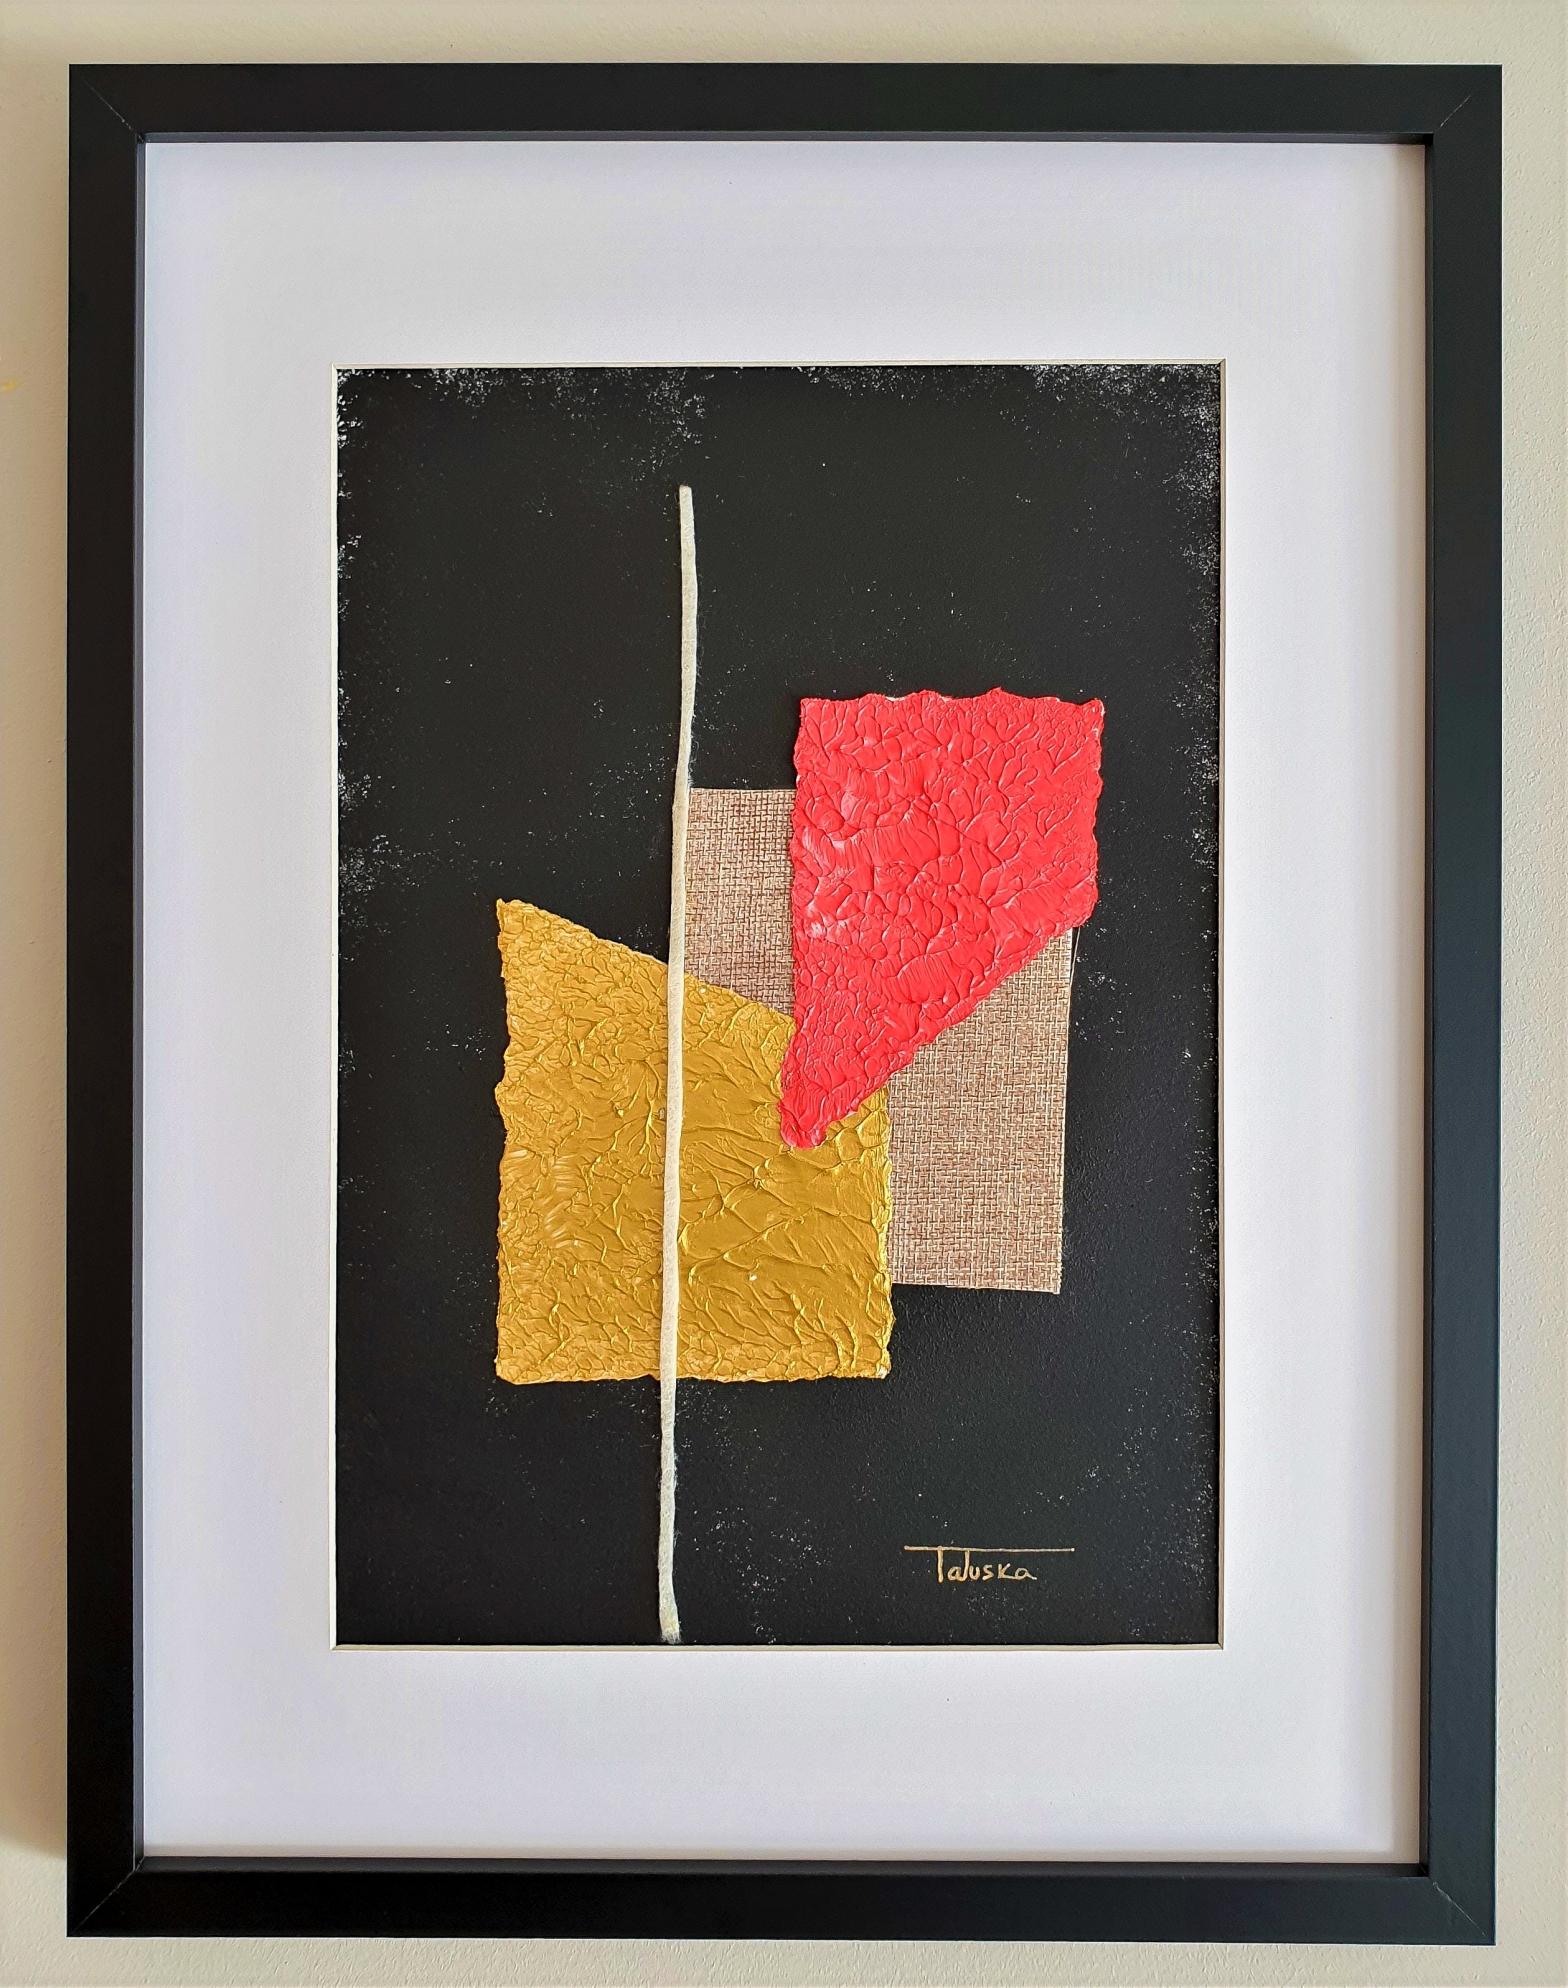 """Cuadro original de arte abstracto contemporáneo titulado """"Happiness"""", obra de la artista Tatuska"""